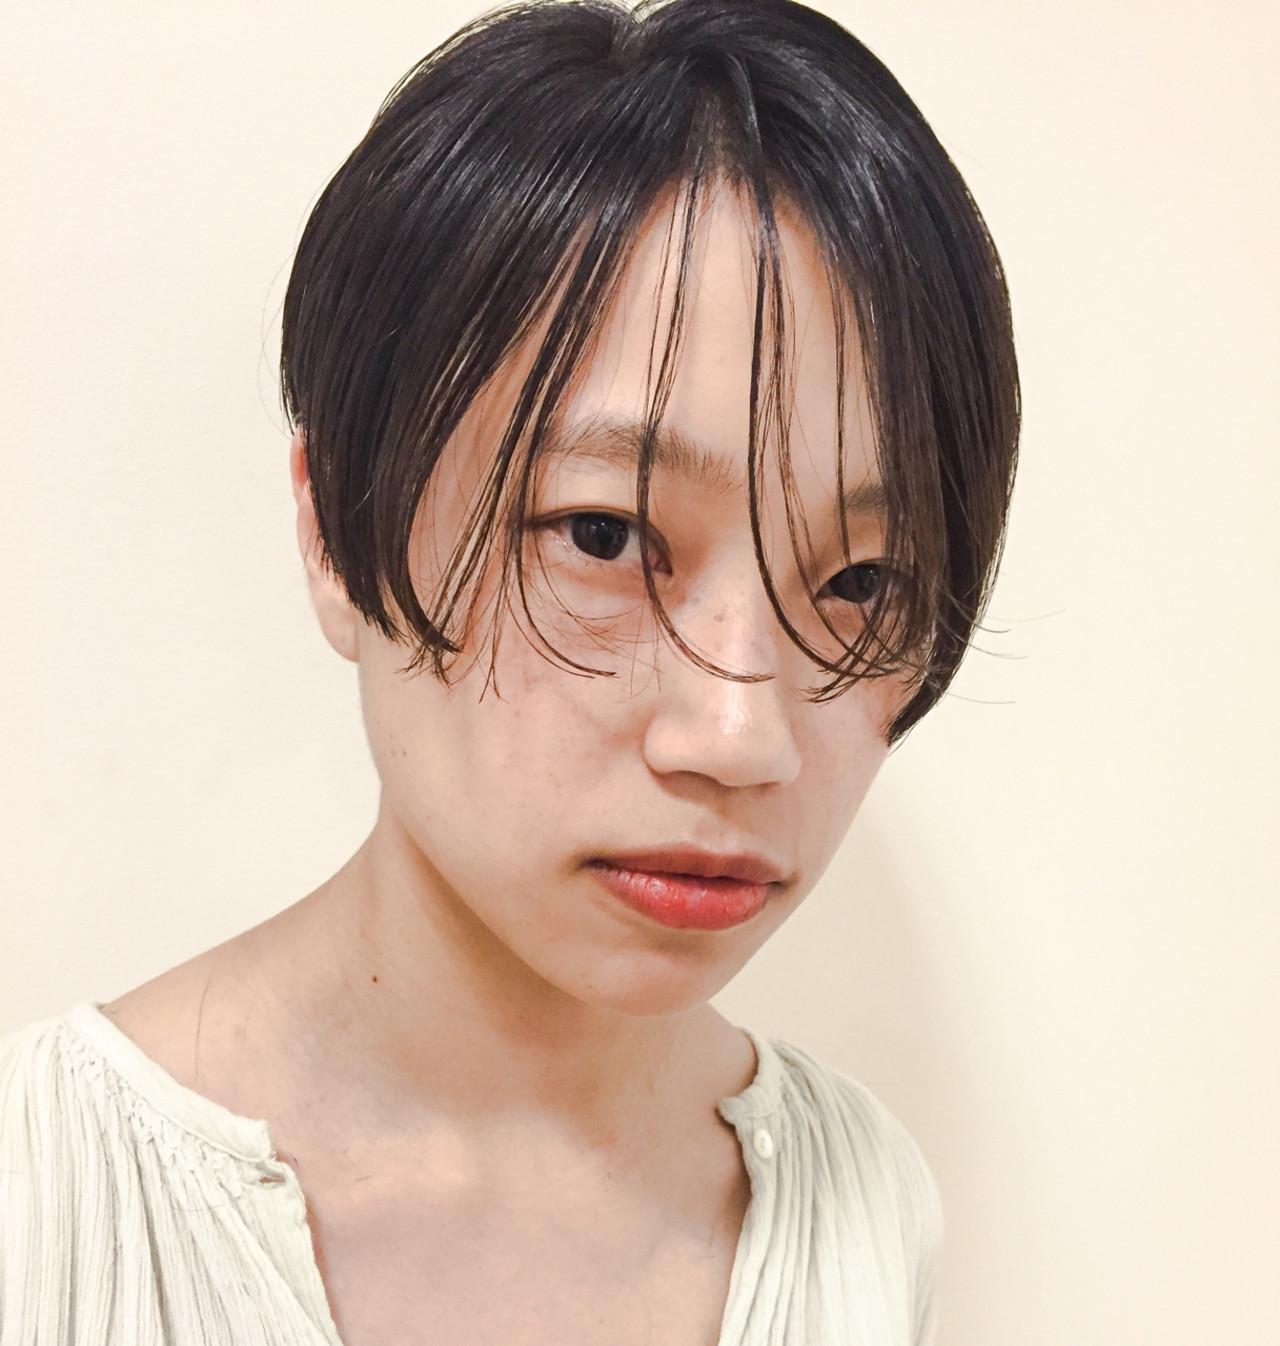 黒髪 フェミニン パーマ ストリート ヘアスタイルや髪型の写真・画像 | 熊谷 公亮 / Fits core